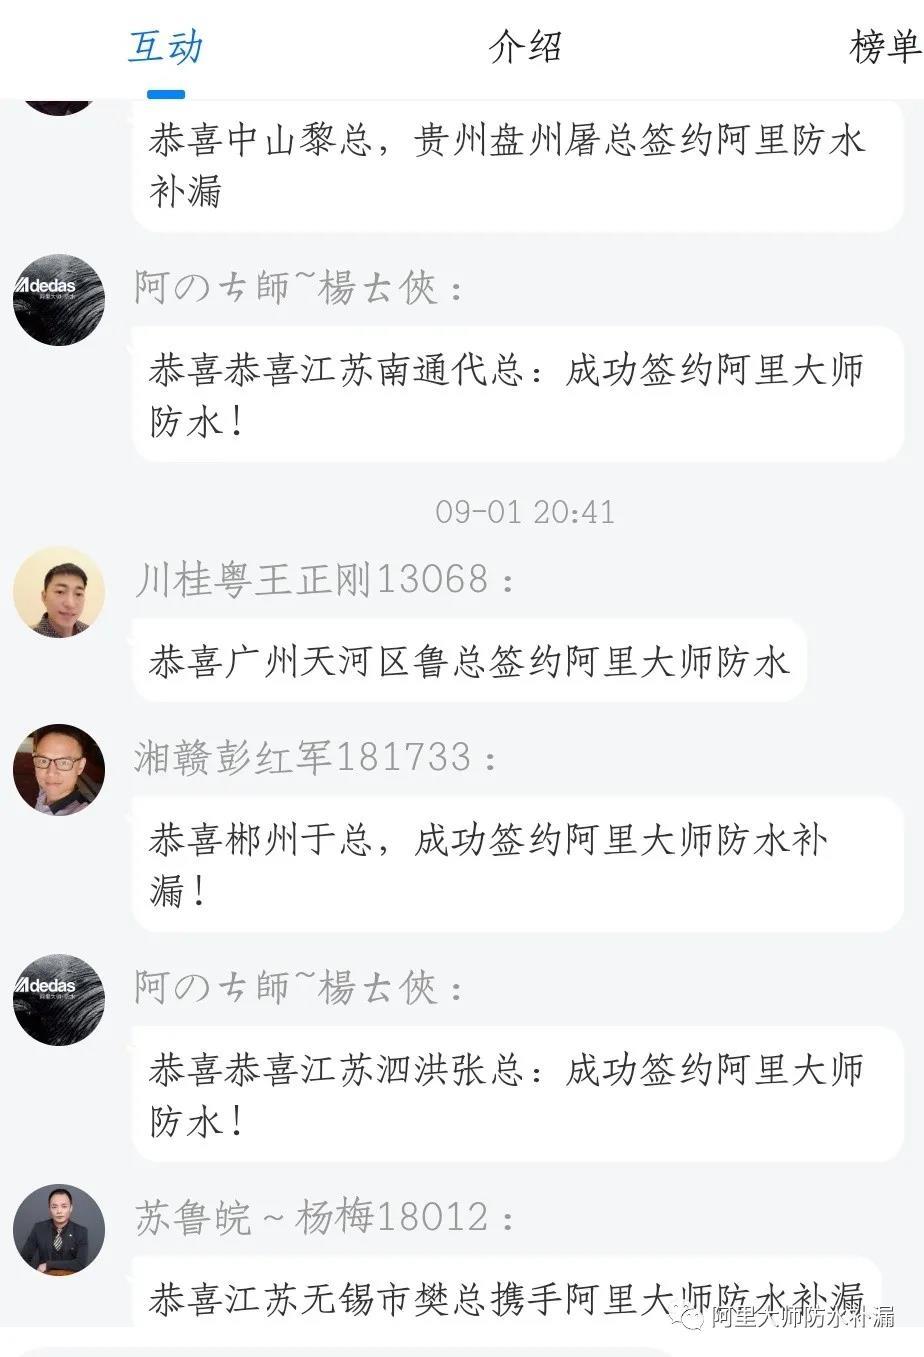 寰俊鍥剧墖_20210902175716.jpg